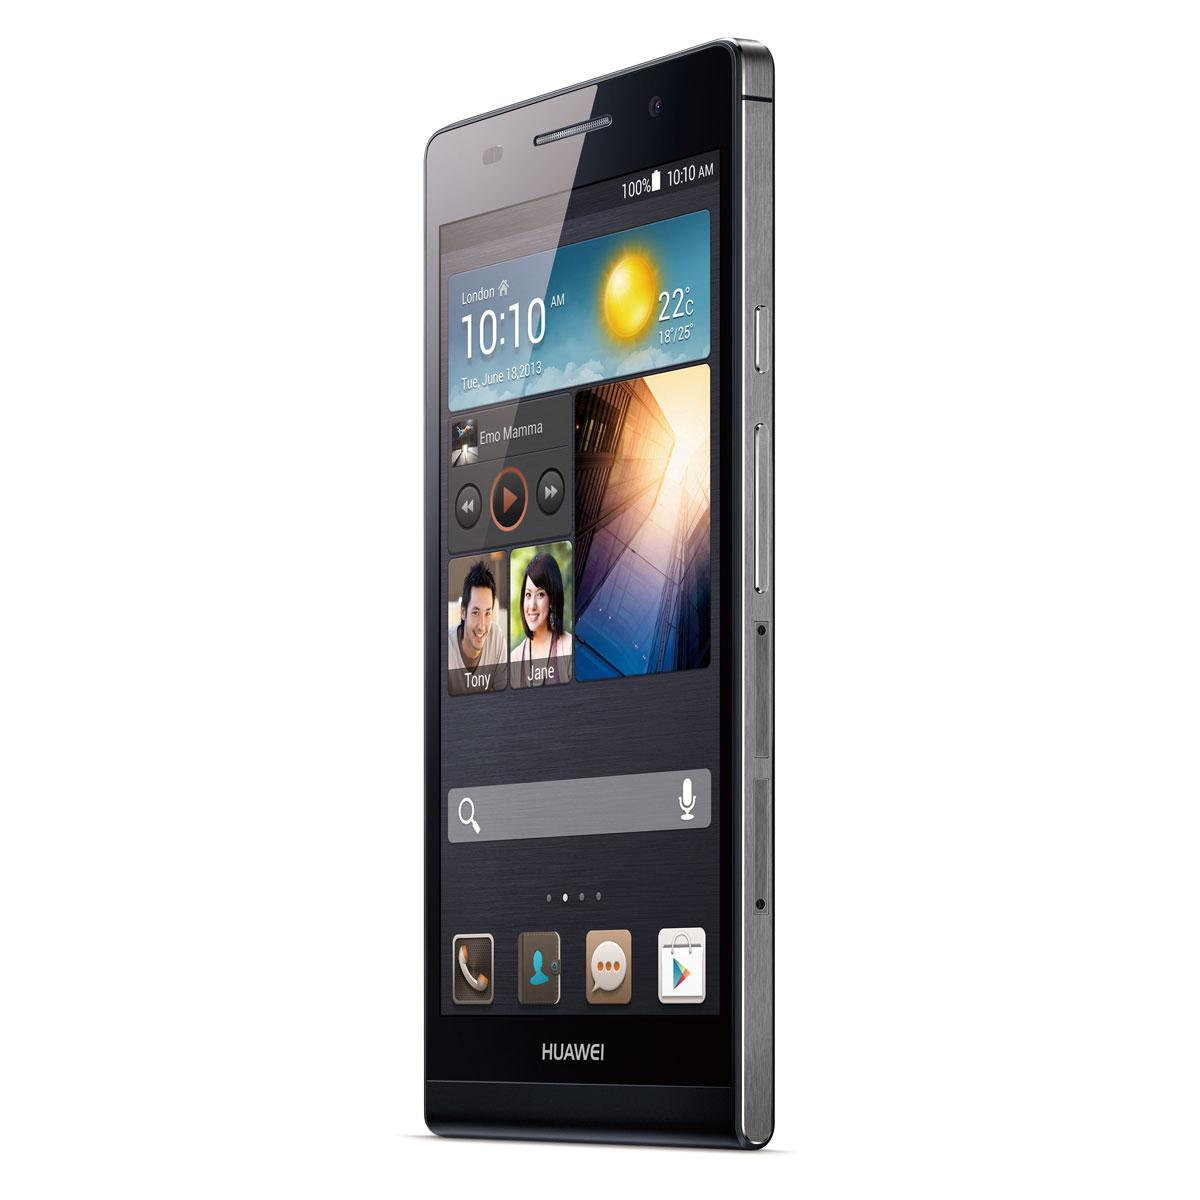 """Mobile & smartphone Huawei Ascend P6 Noir Smartphone 3G+ avec écran tactile HD 4.7"""" sous Android 4.2"""